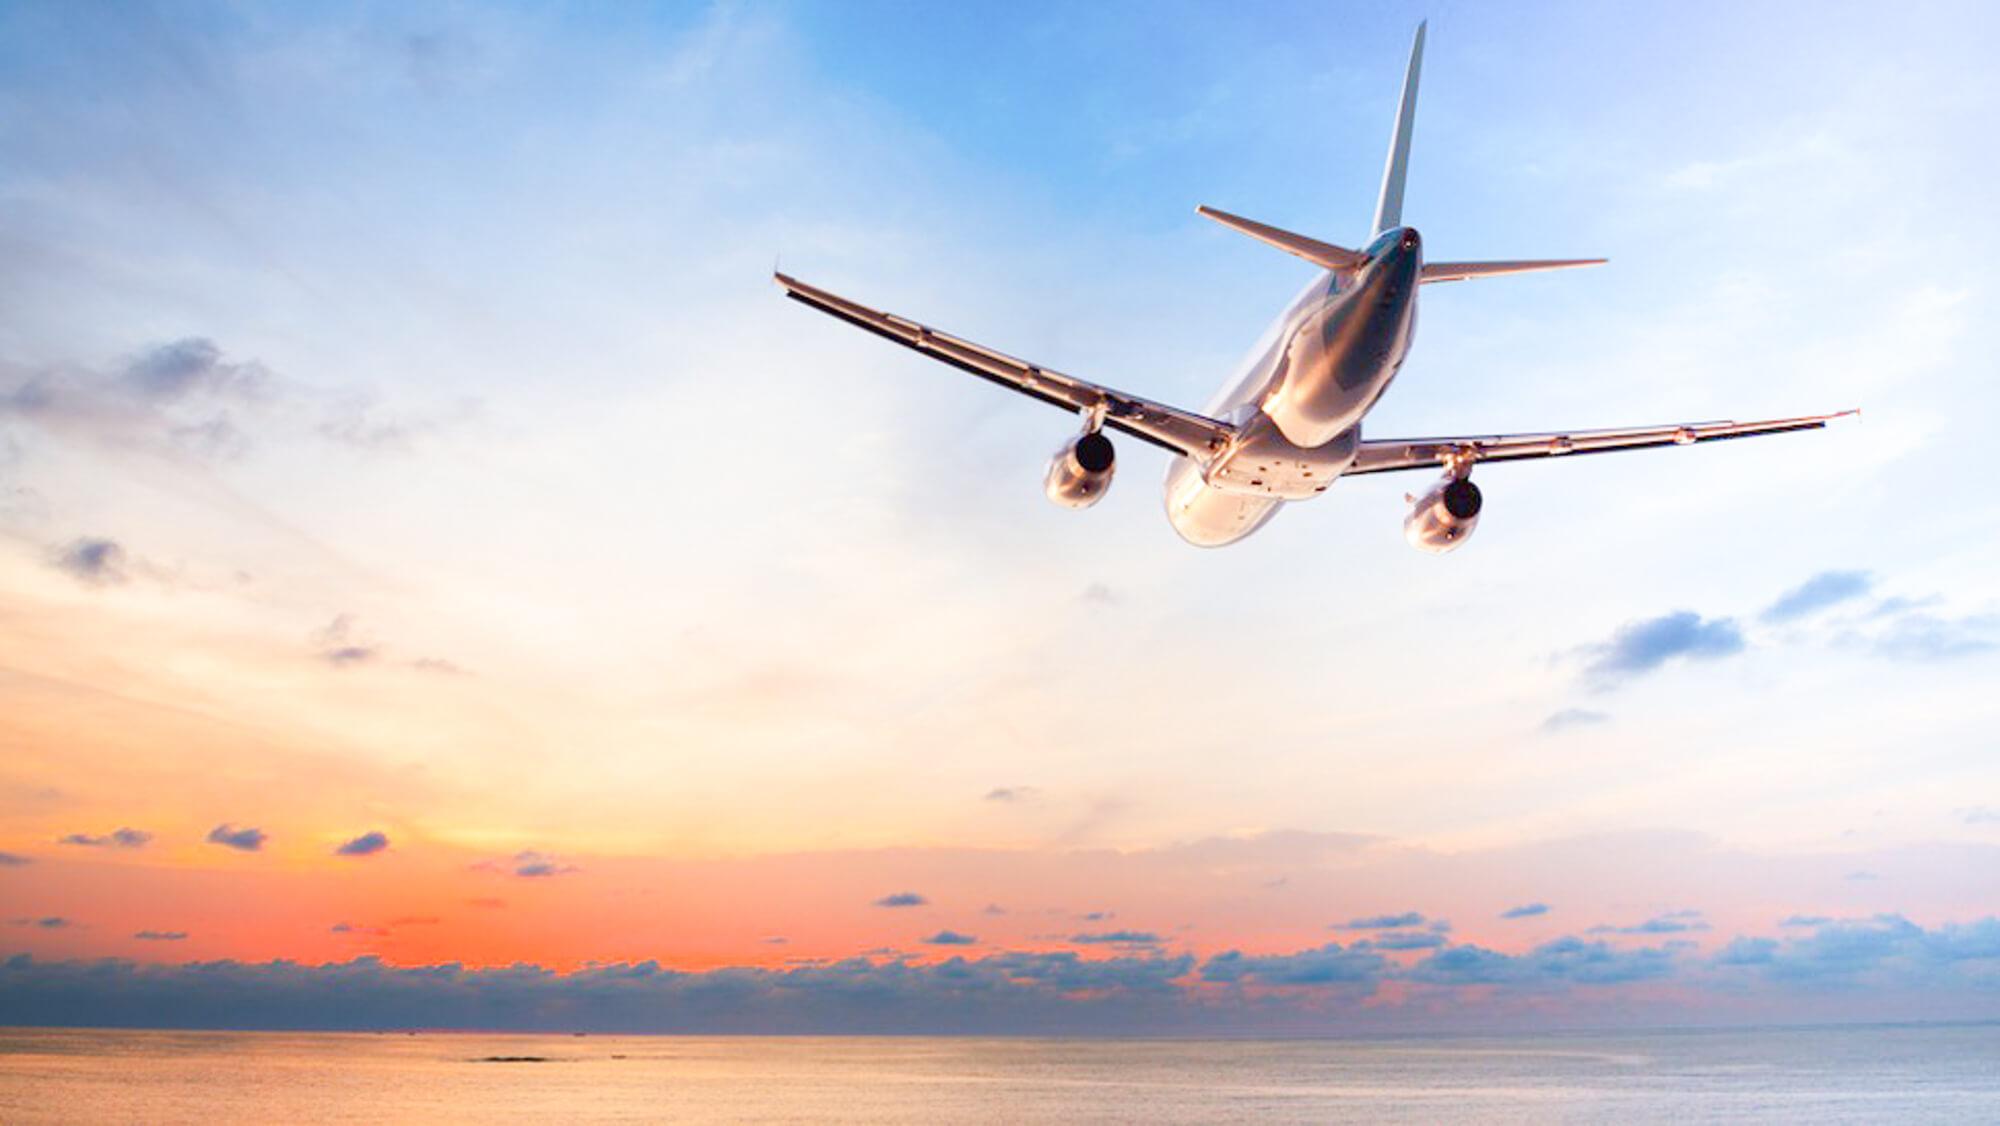 起業家が飛行機内での生産性を維持することができる6つの方法